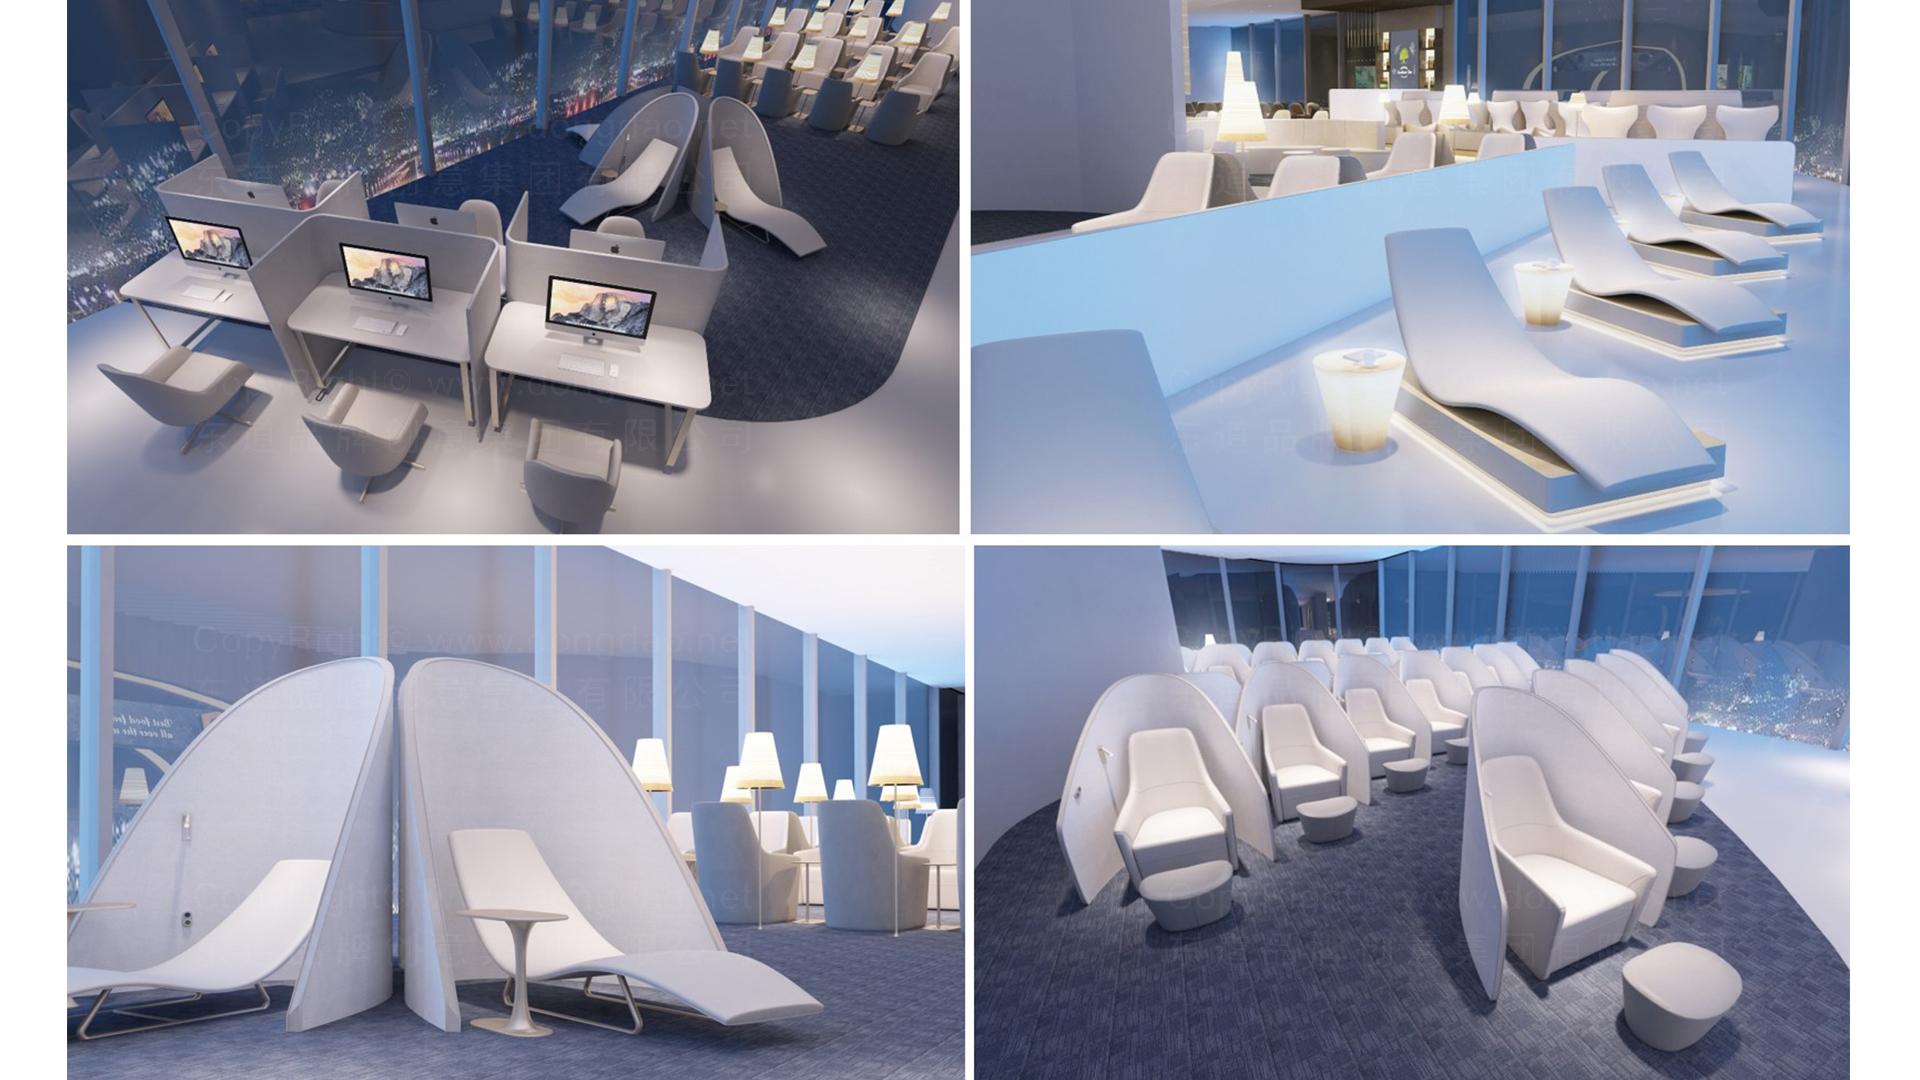 商业空间&导示南方航空南航上海浦东机场 S2 卫星听高端旅客休息室 SI应用场景_2